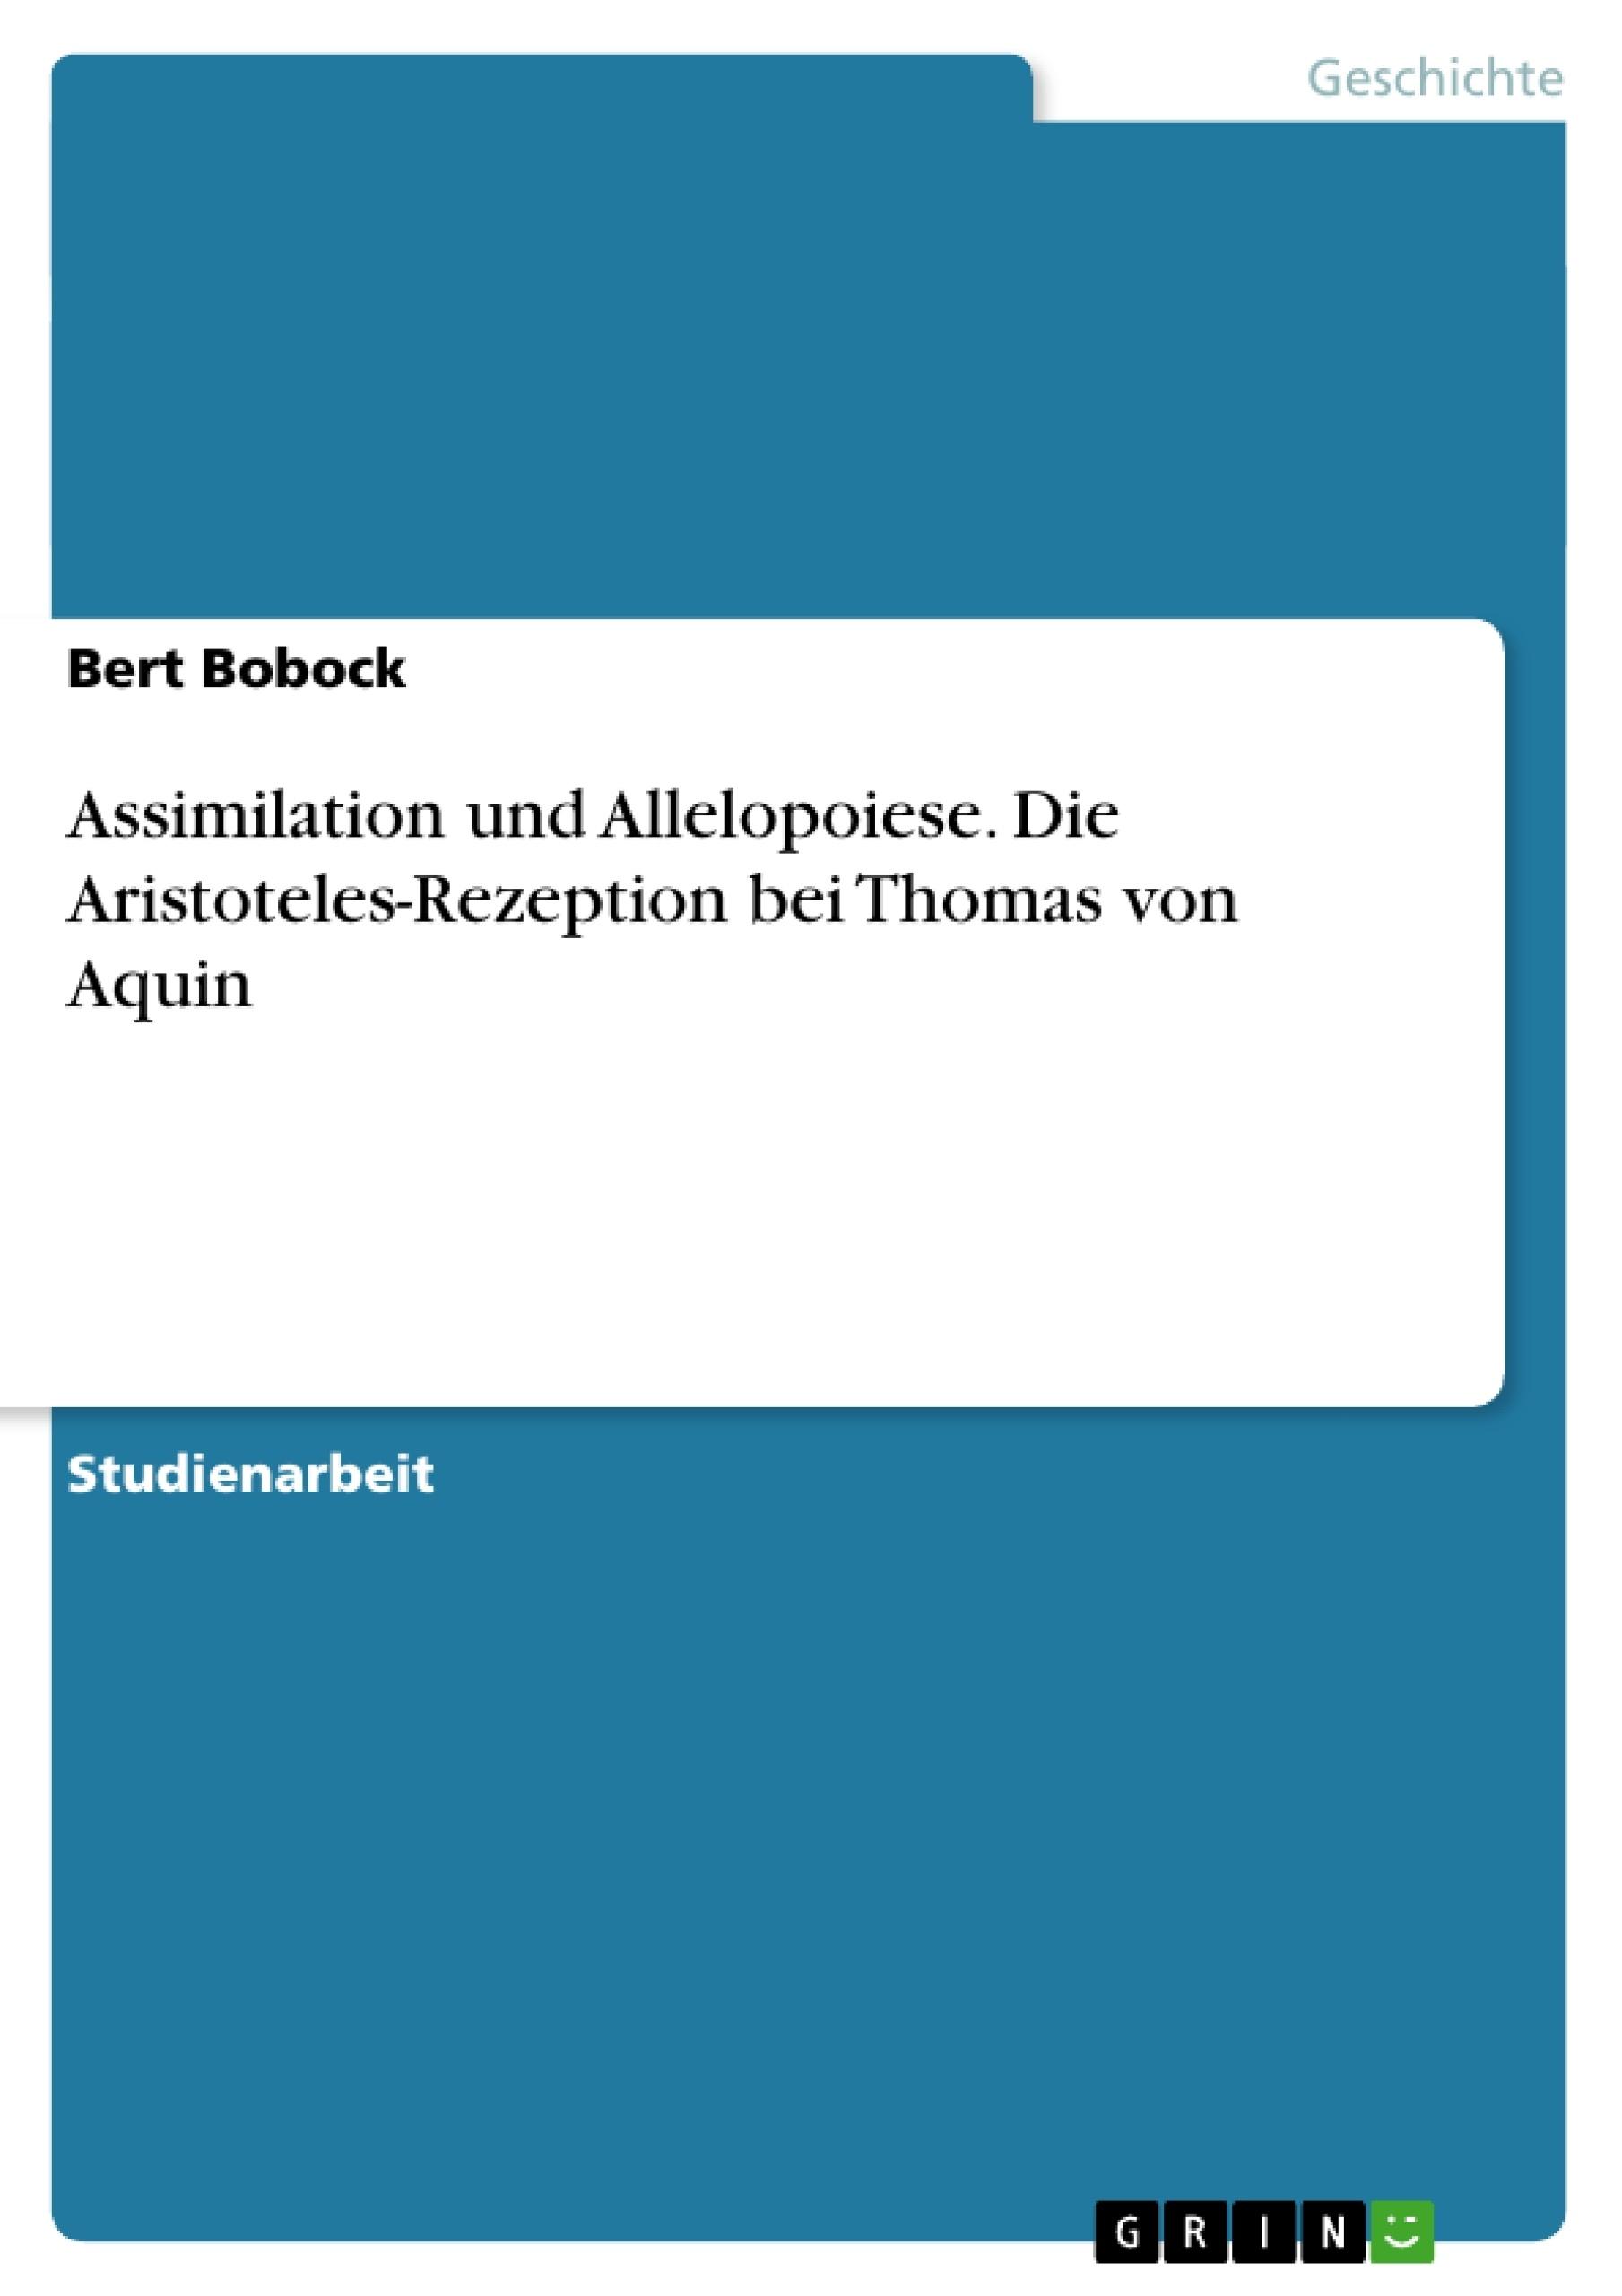 Titel: Assimilation und Allelopoiese. Die Aristoteles-Rezeption bei Thomas von Aquin